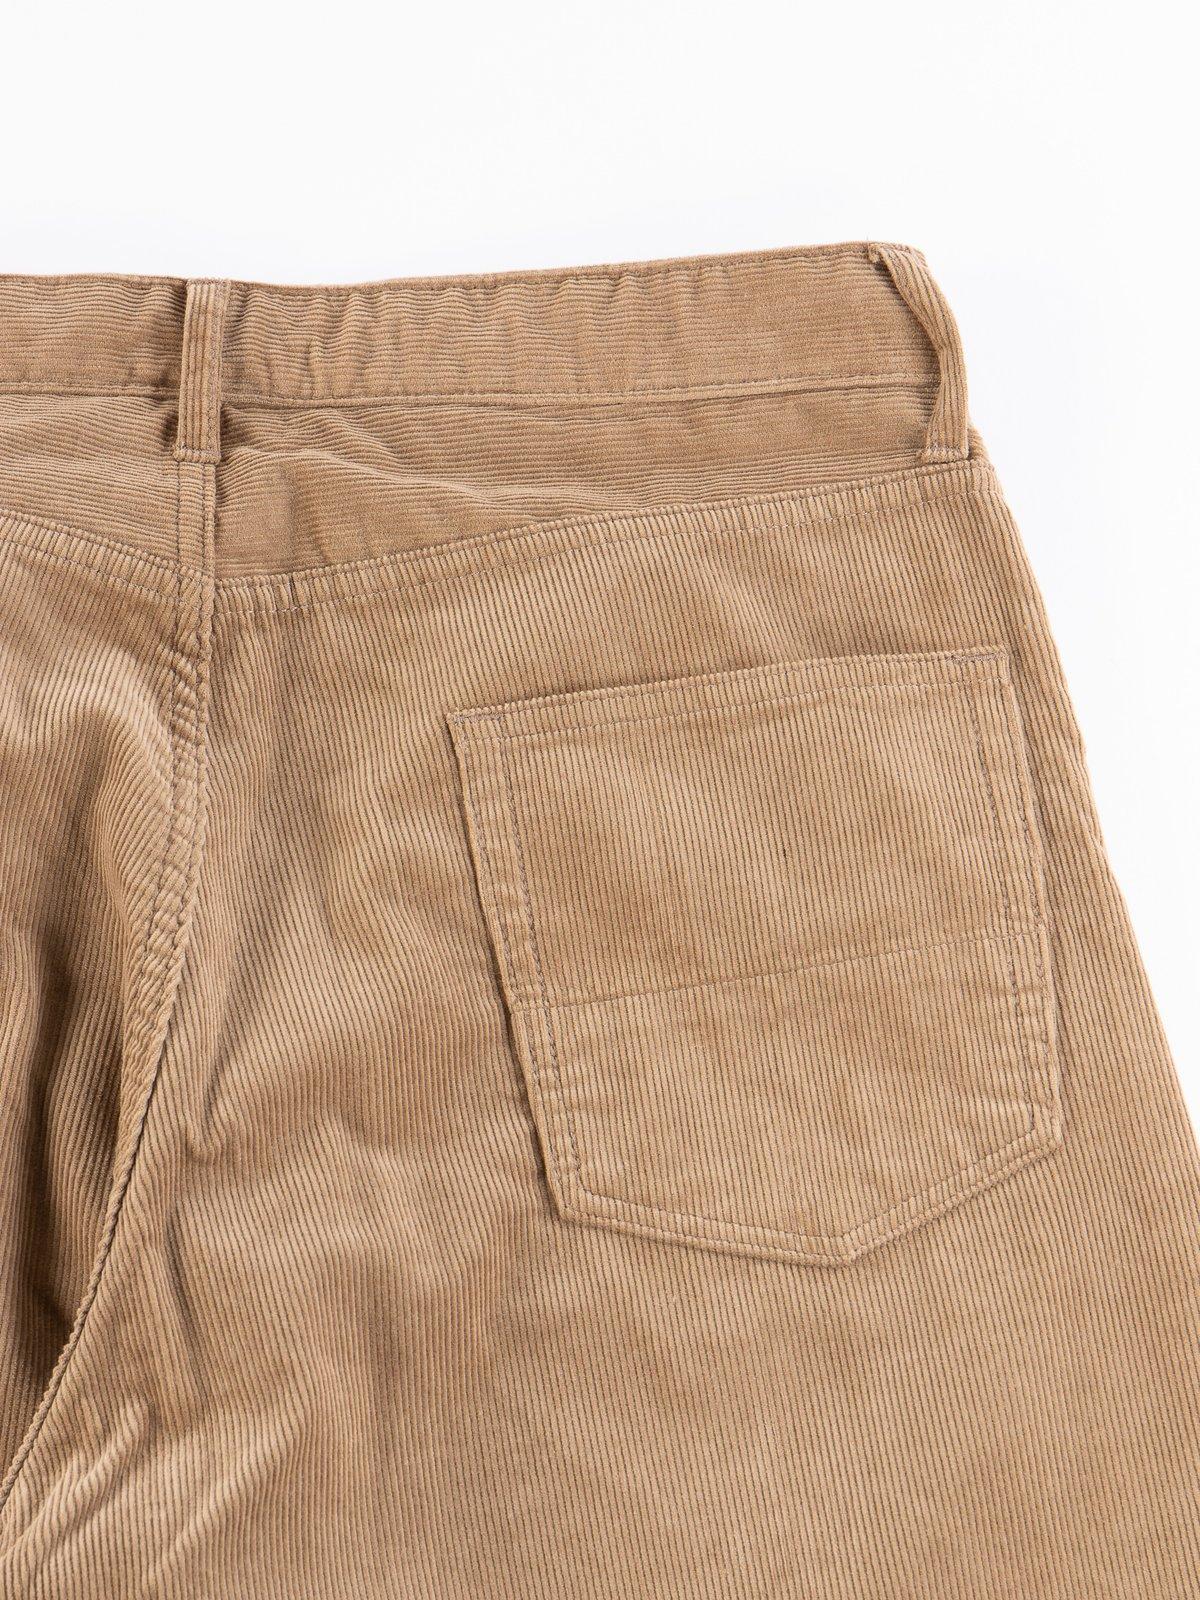 Khaki 14W Corduroy Wide Peg Jean - Image 6